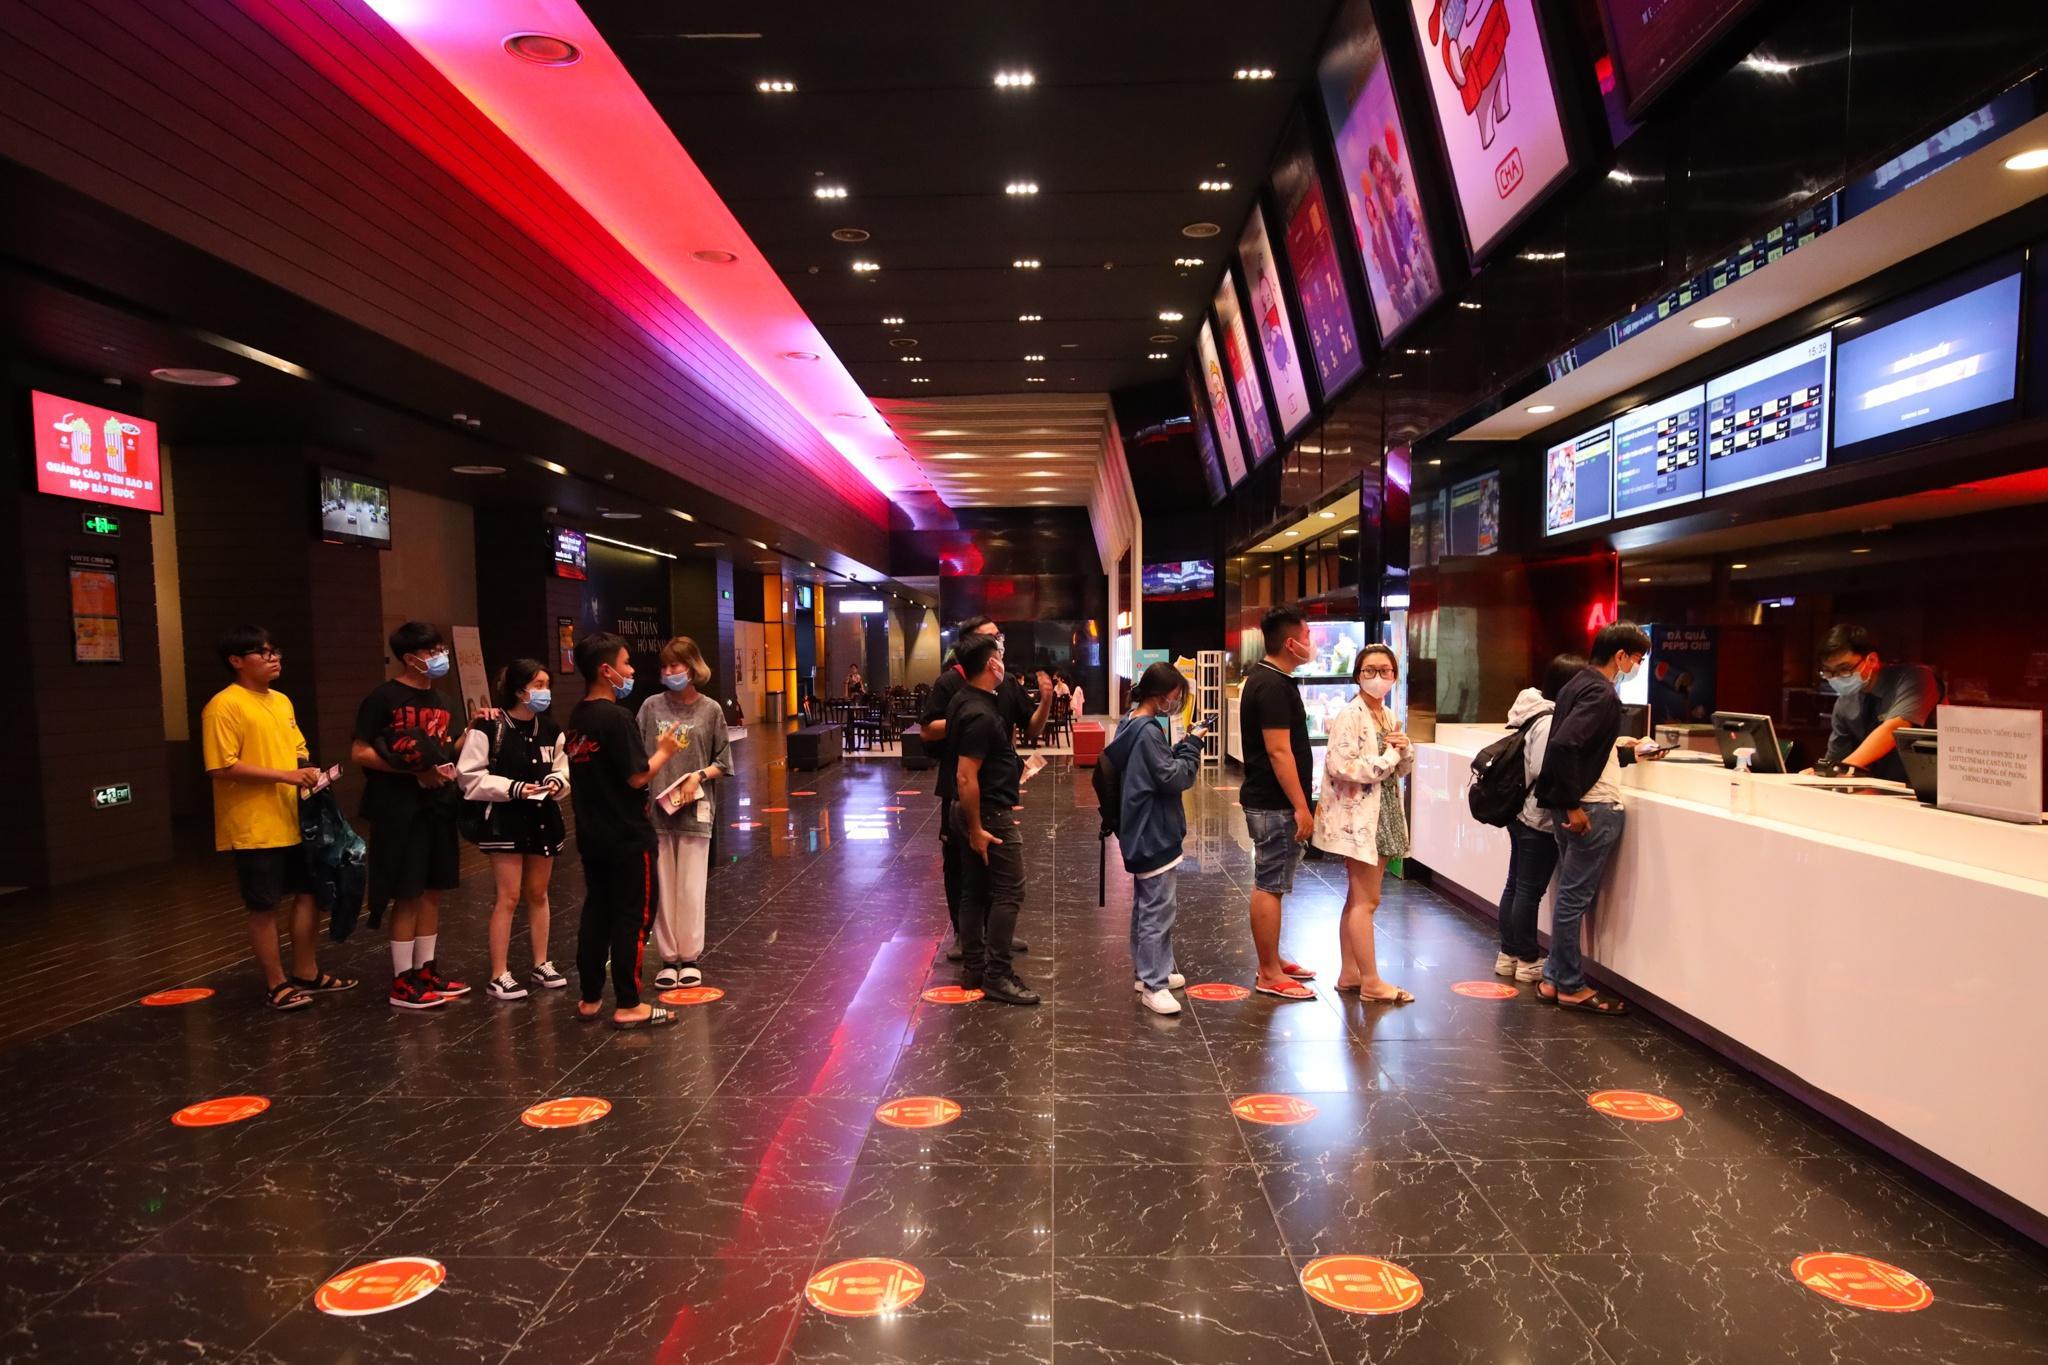 Khách xếp hàng chờ hoàn vé trước giờ rạp phim TP.HCM đóng cửa Ảnh 1